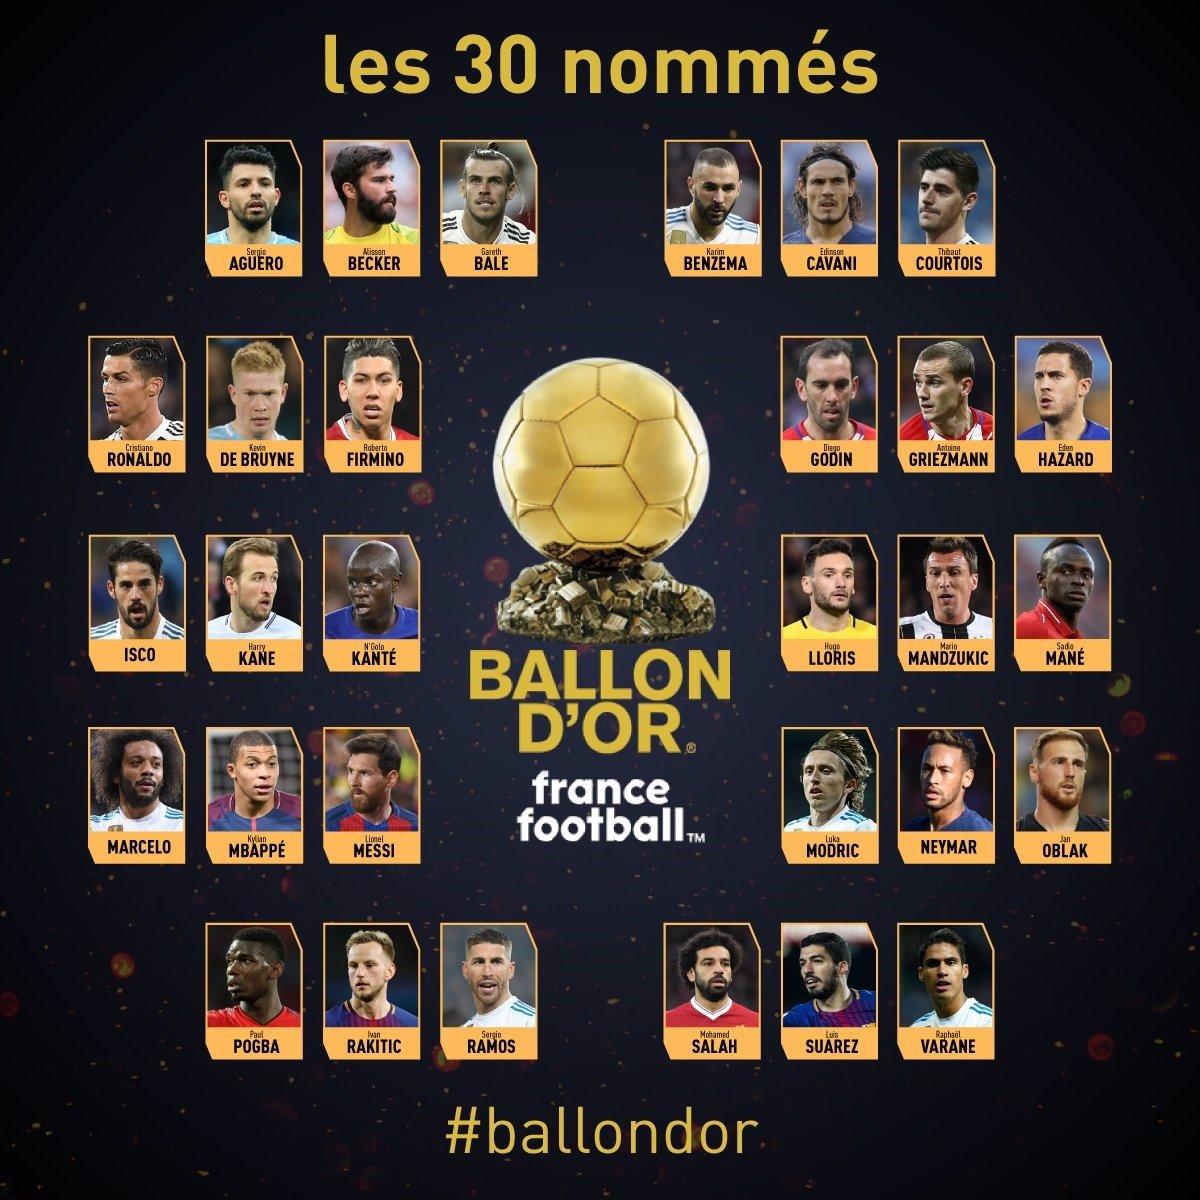 Ramos e Isco, únicos españoles candidatos al Balón de Oro en una lista con  14 jugadores de LaLiga